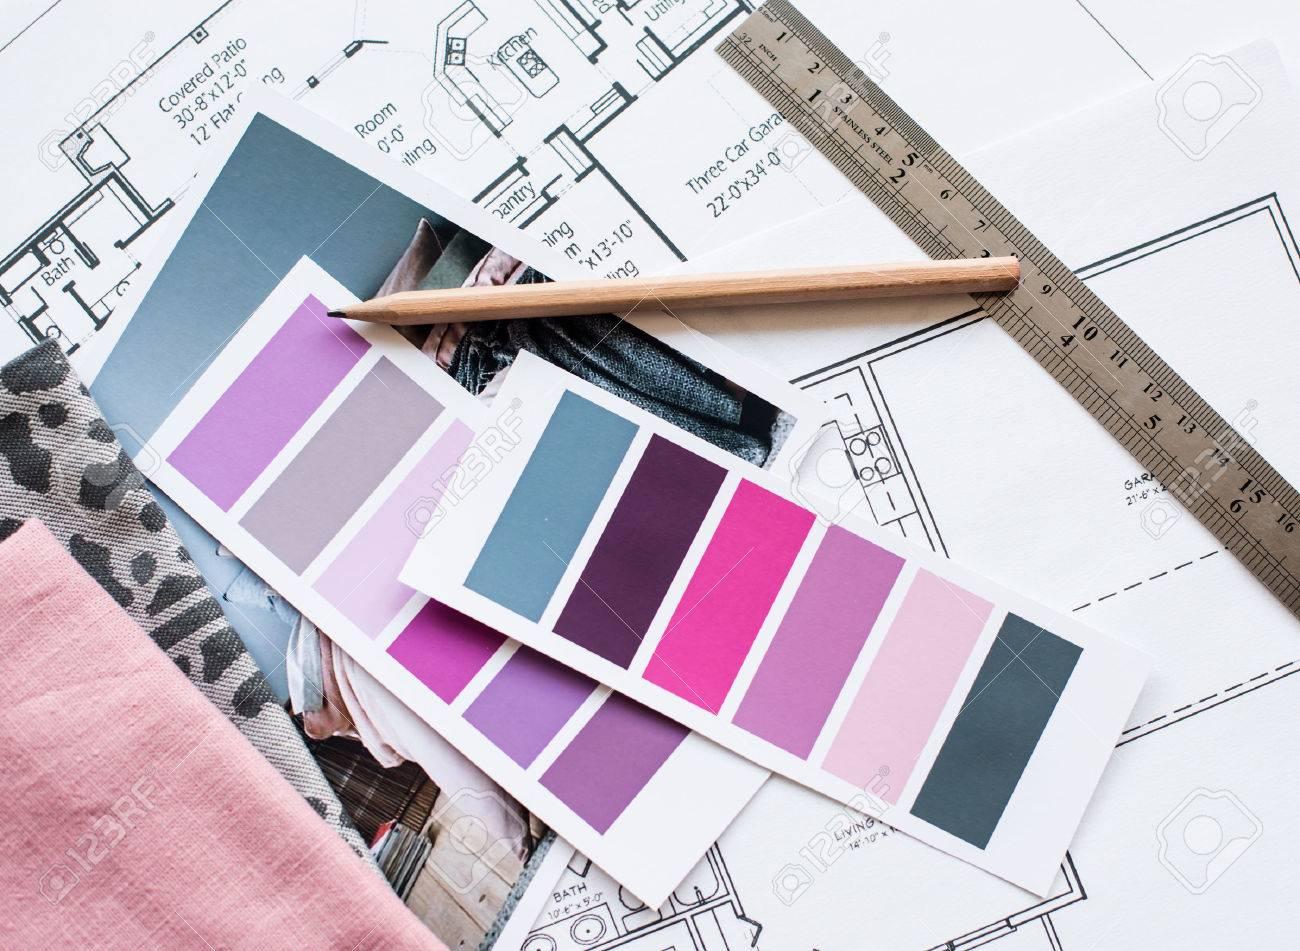 https://previews.123rf.com/images/loonara/loonara1509/loonara150900057/44932253-la-table-de-designer-d-int%C3%A9rieur-de-travail-un-plan-architectural-de-la-maison-une-palette-de-coule.jpg